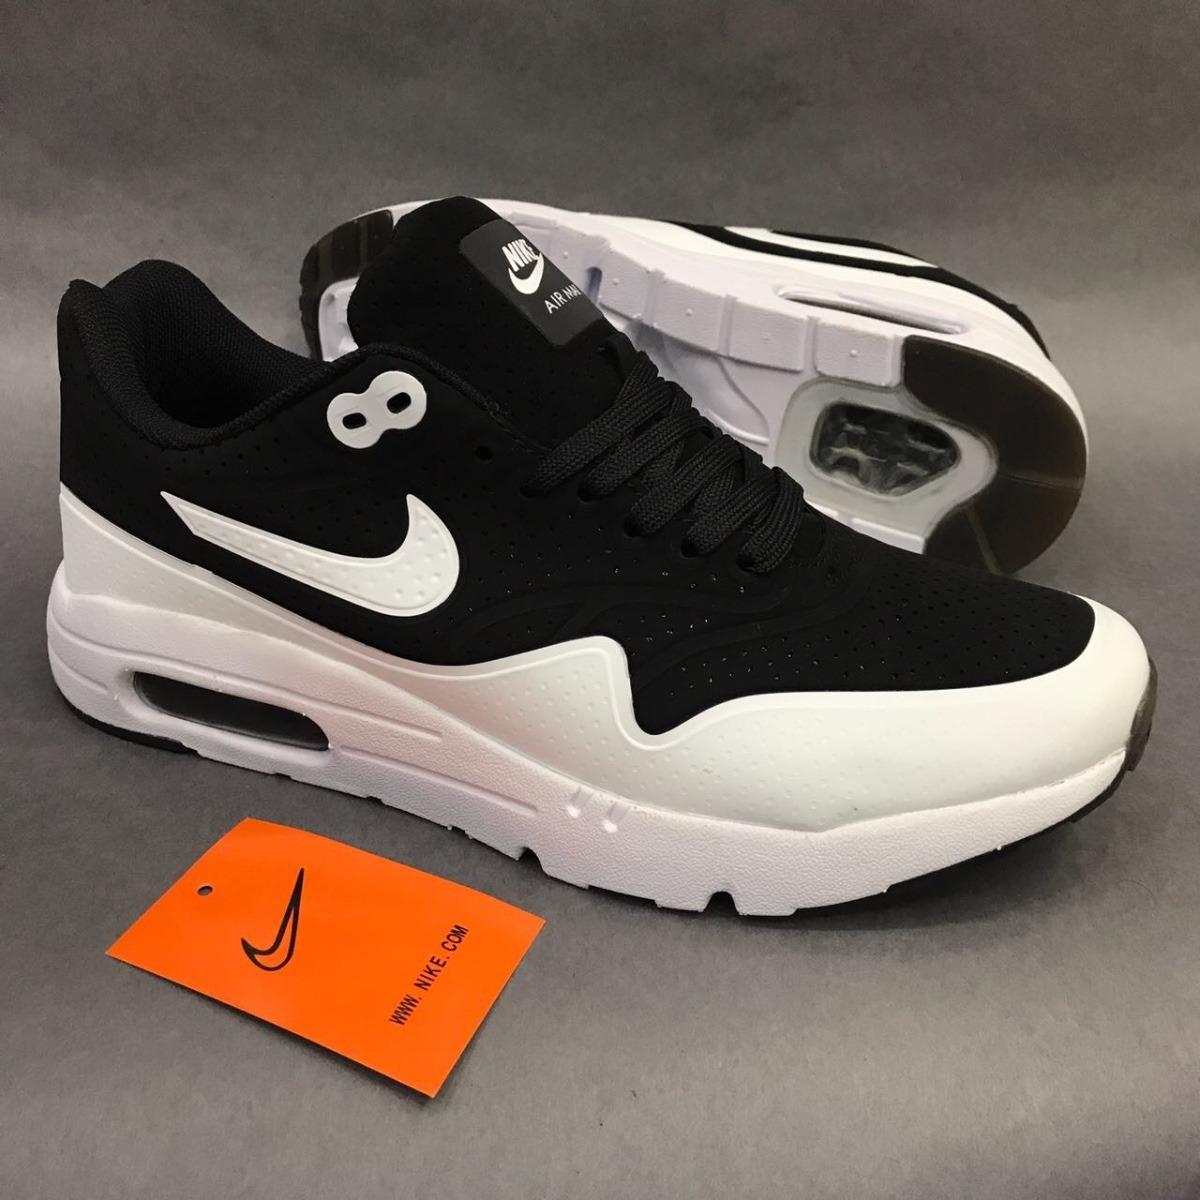 buy online e42b5 e54b5 ... order tenis zapatillas nike air max ultra moire negra blanca hombr.  cargando zoom. 96a52